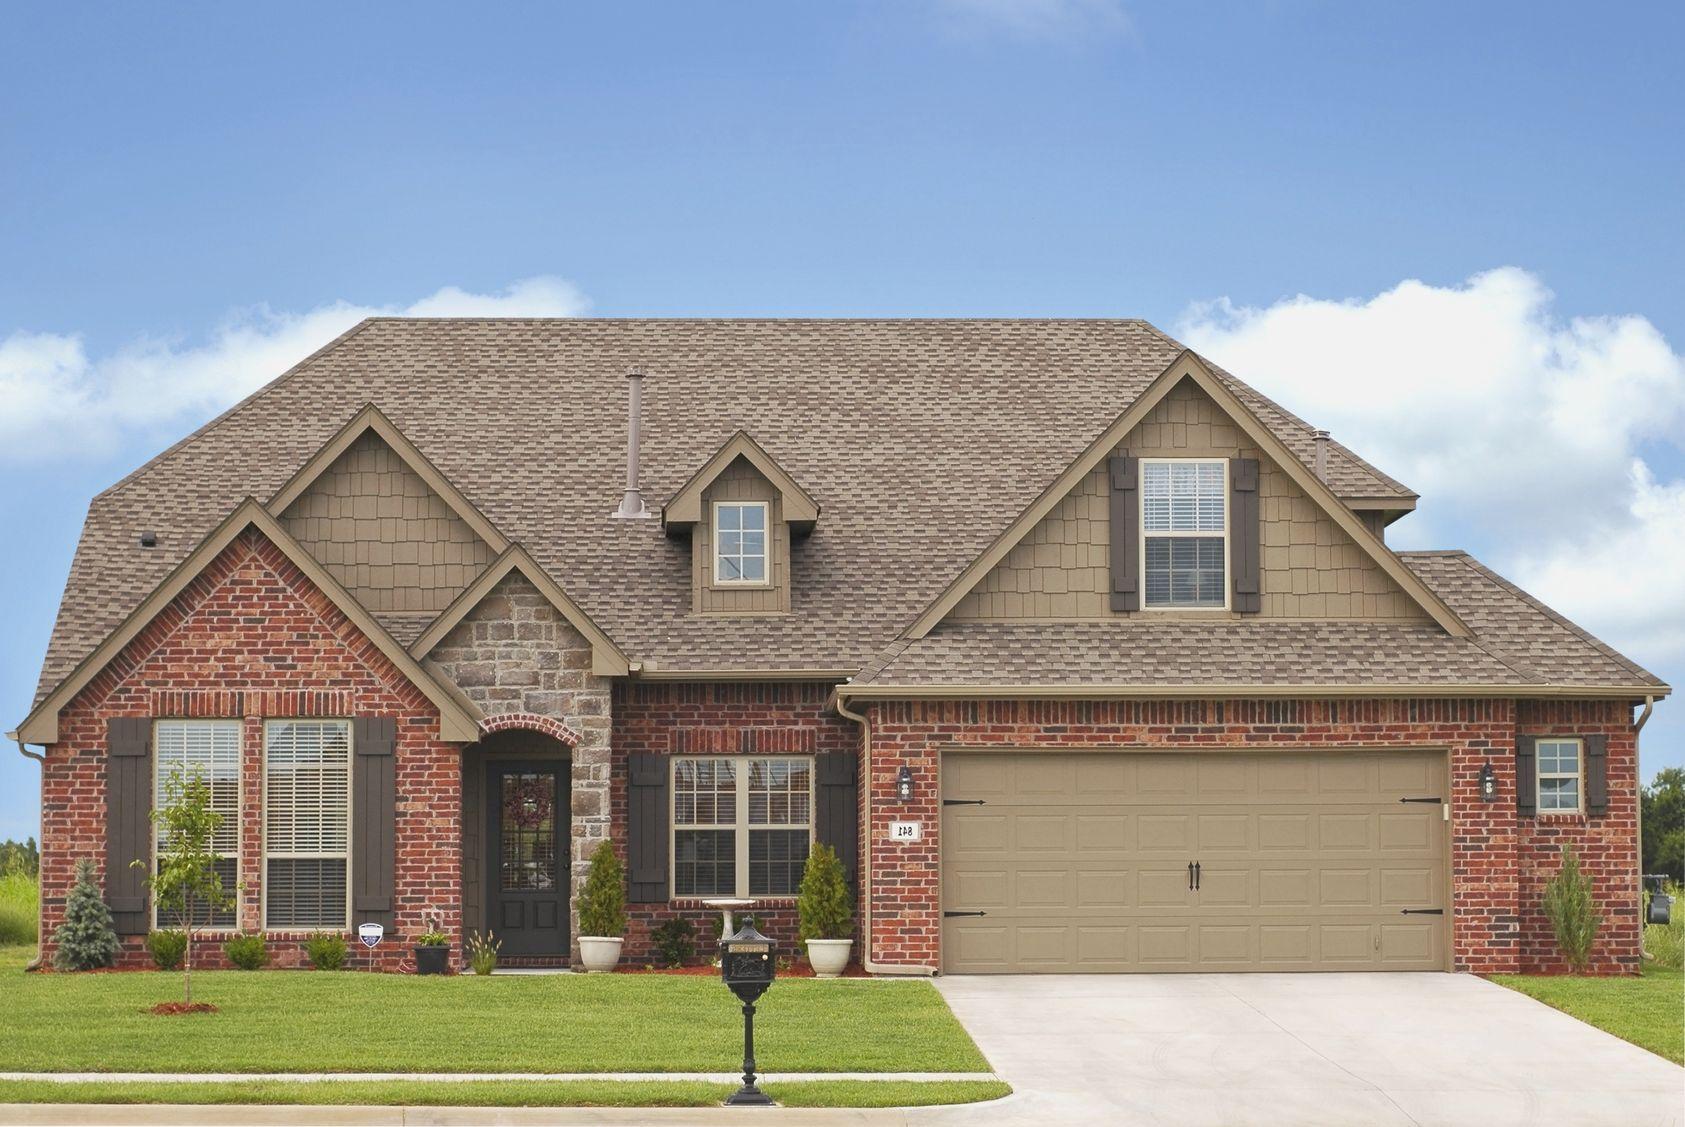 Exterior Trim Colors For Brick Homes